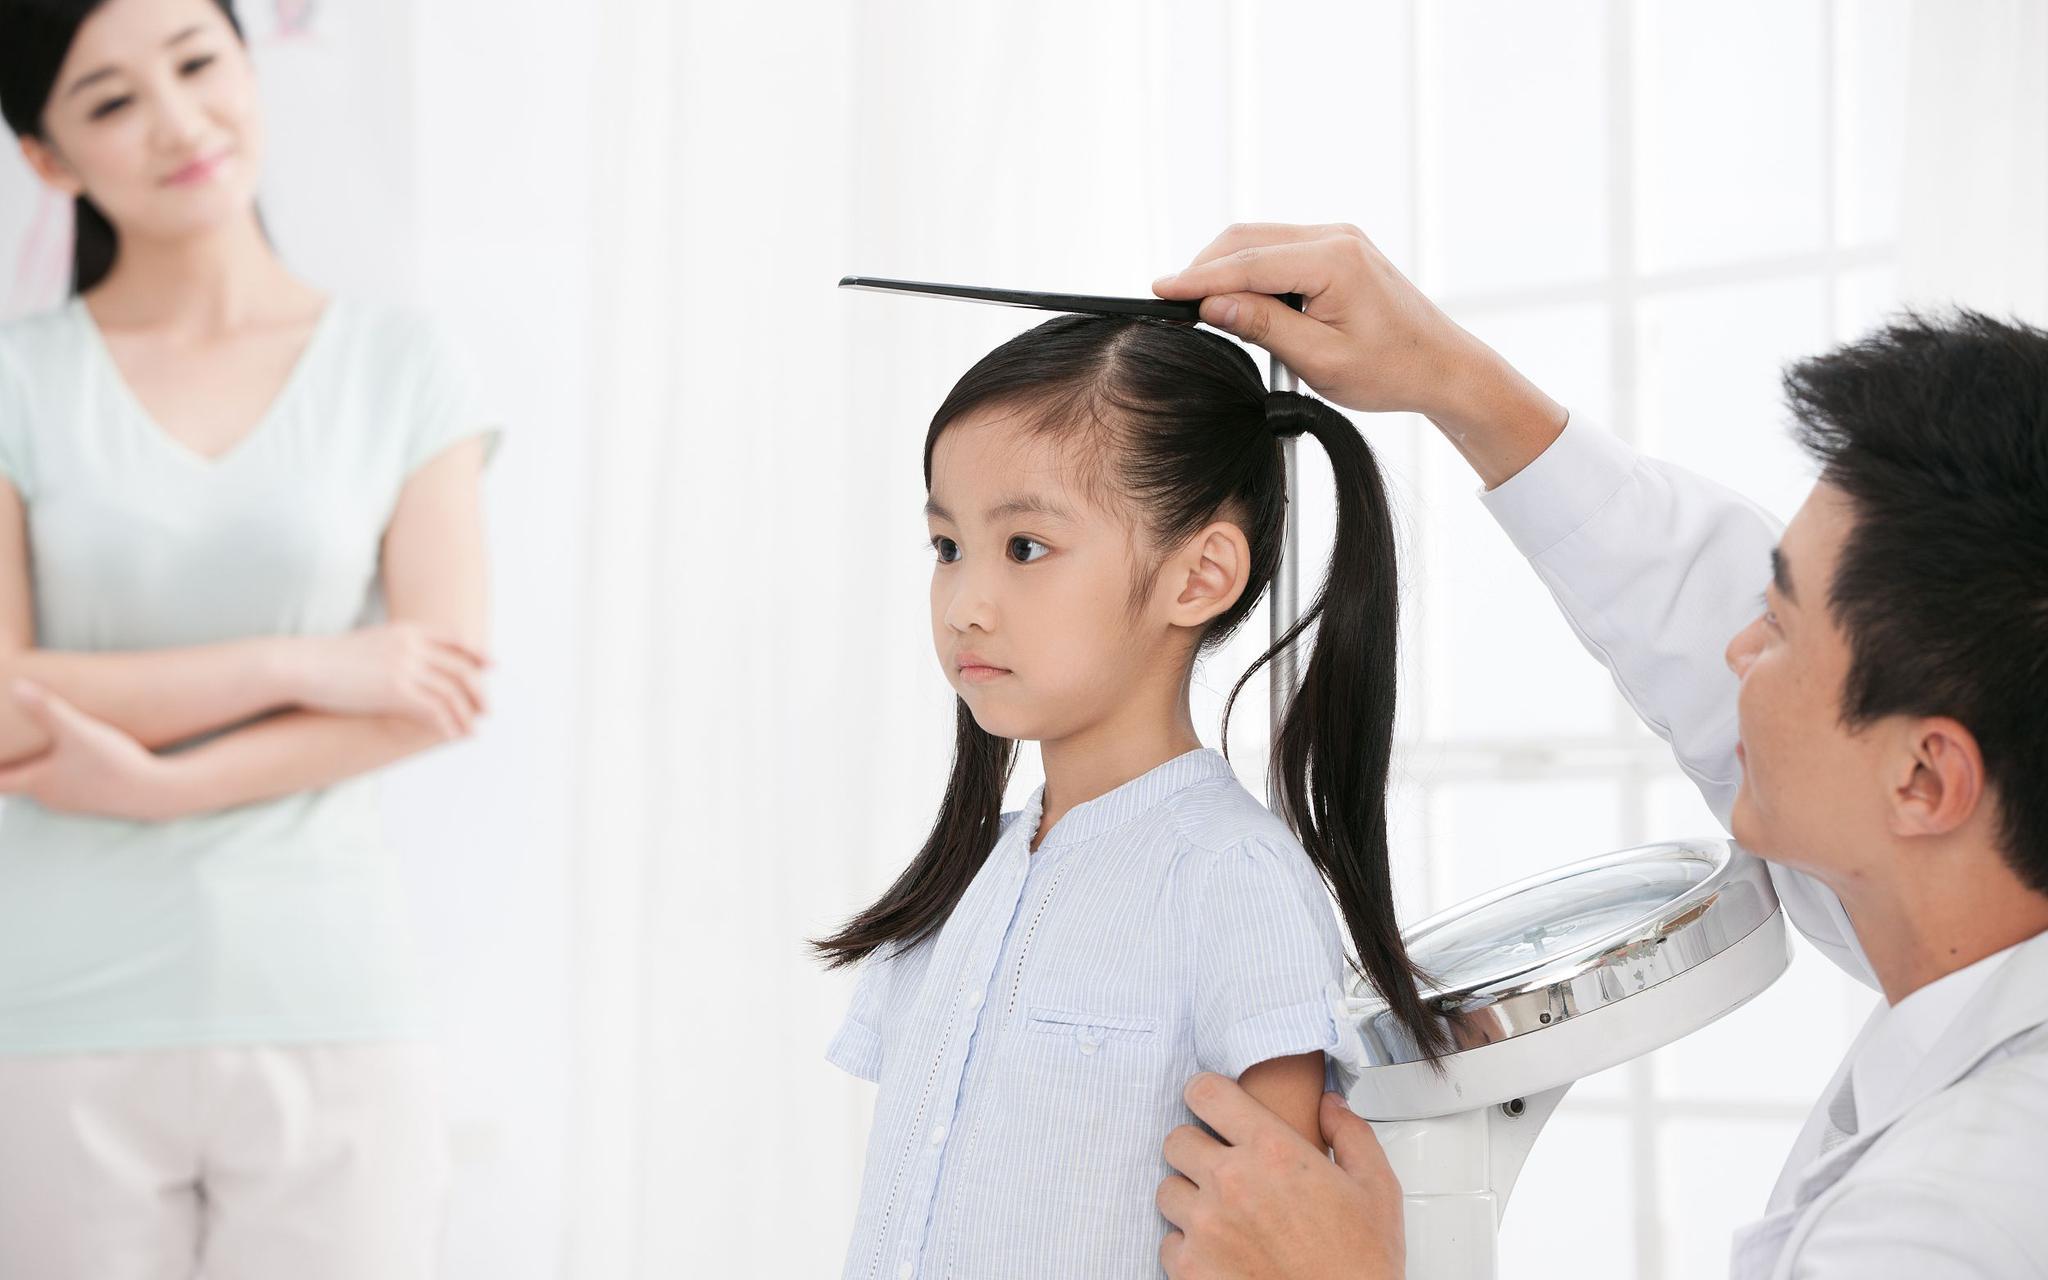 儿童节丨你家孩子的身高正常吗?图片